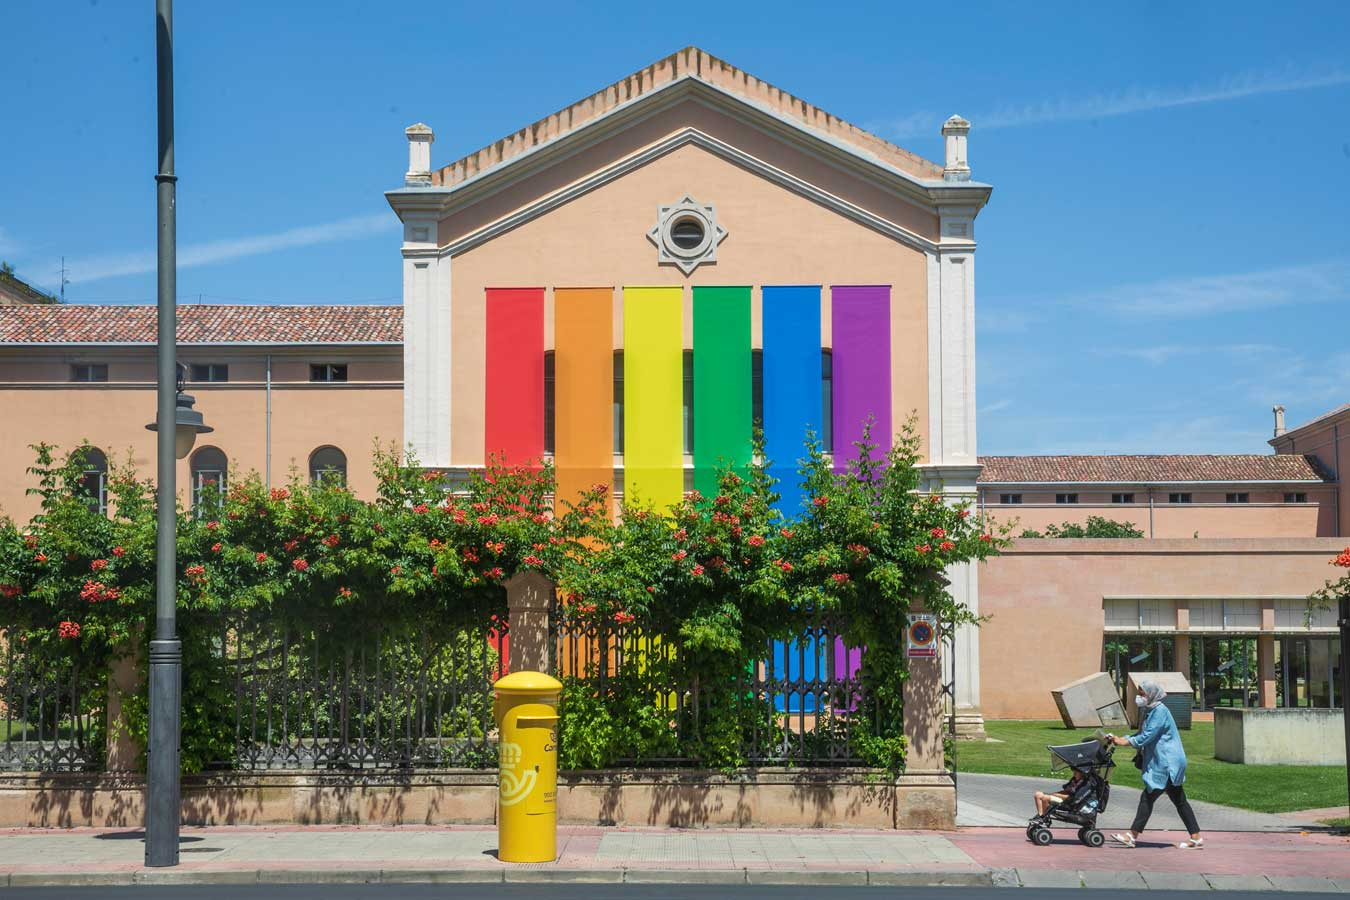 Fachada de un edificio donde se ve expuesta la bandera arcoiris LGTBI